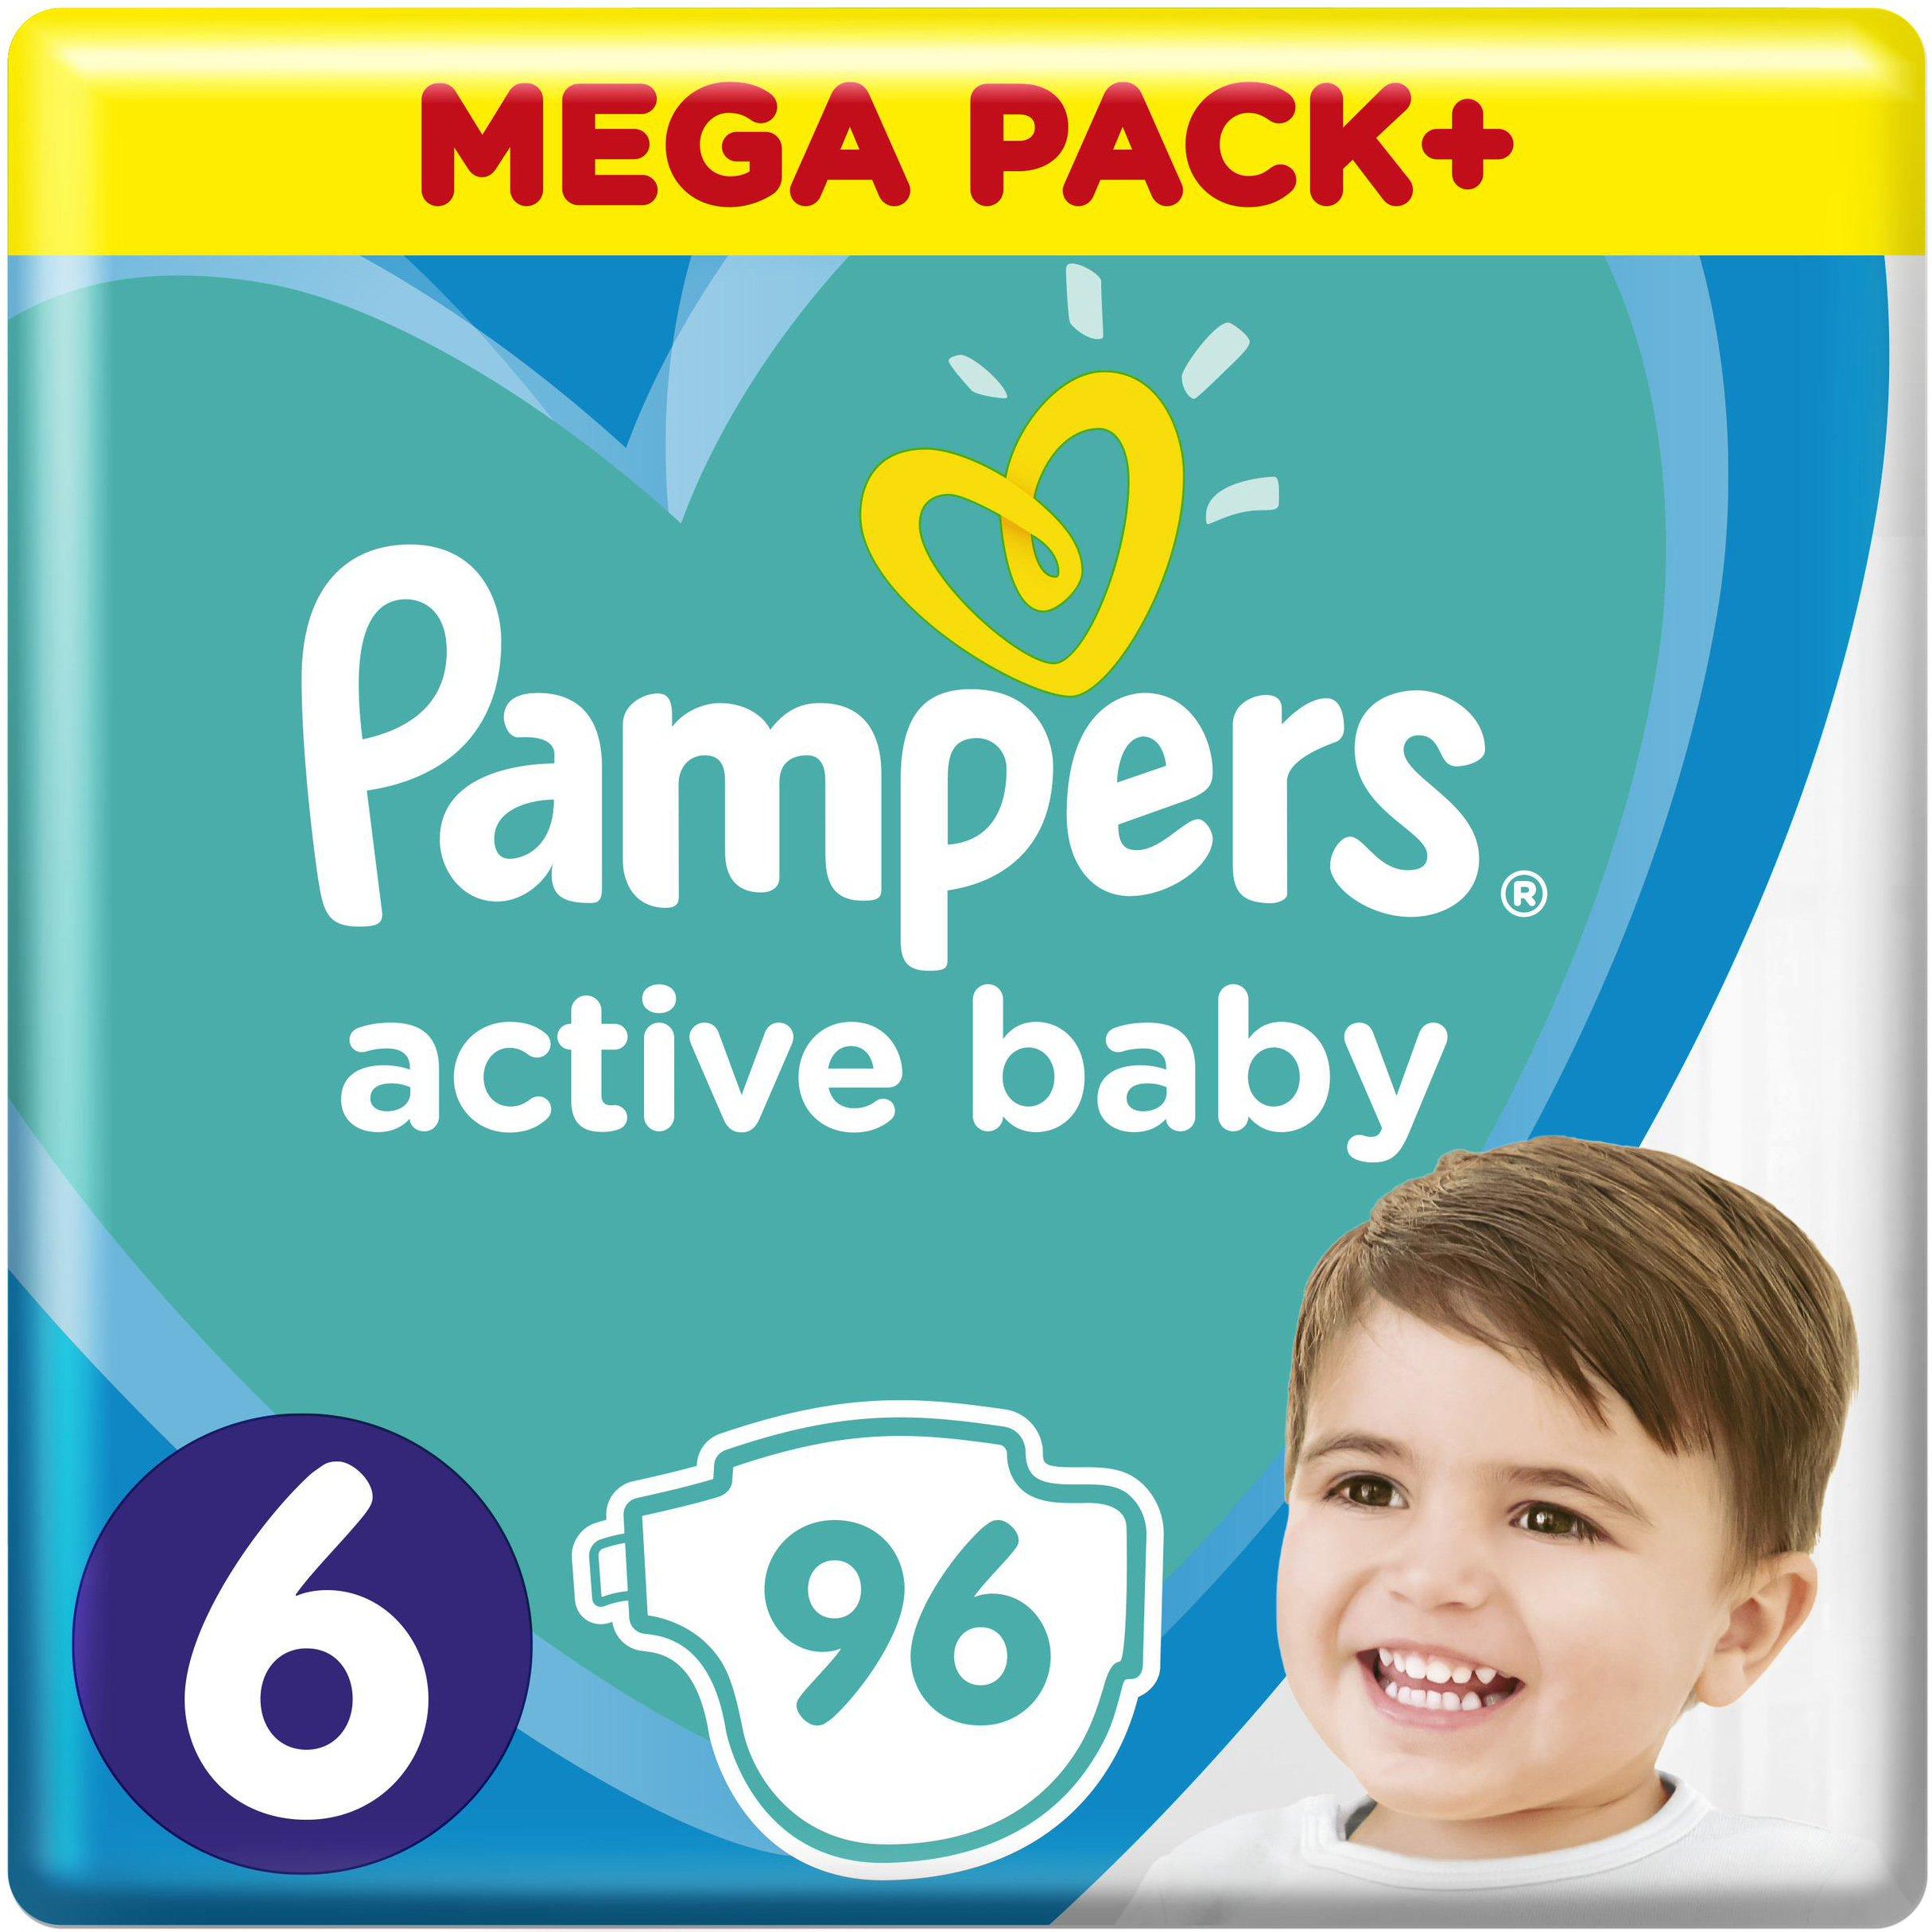 Pampers Active Baby Πάνες Mega Pack No6 (13-18 kg) 96 Πάνες μητέρα παιδί   περιποίηση για το μωρό   πάνες για το μωρό